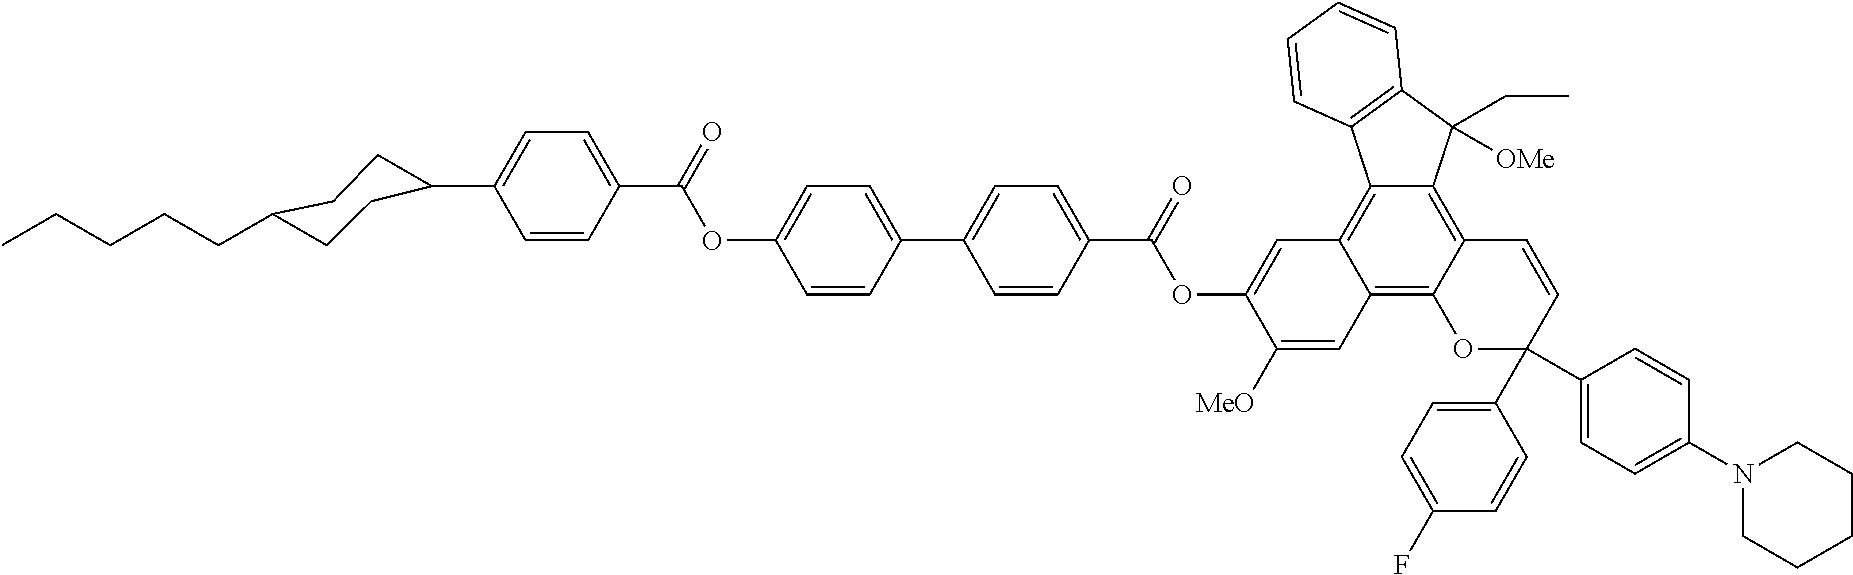 Figure US08518546-20130827-C00021